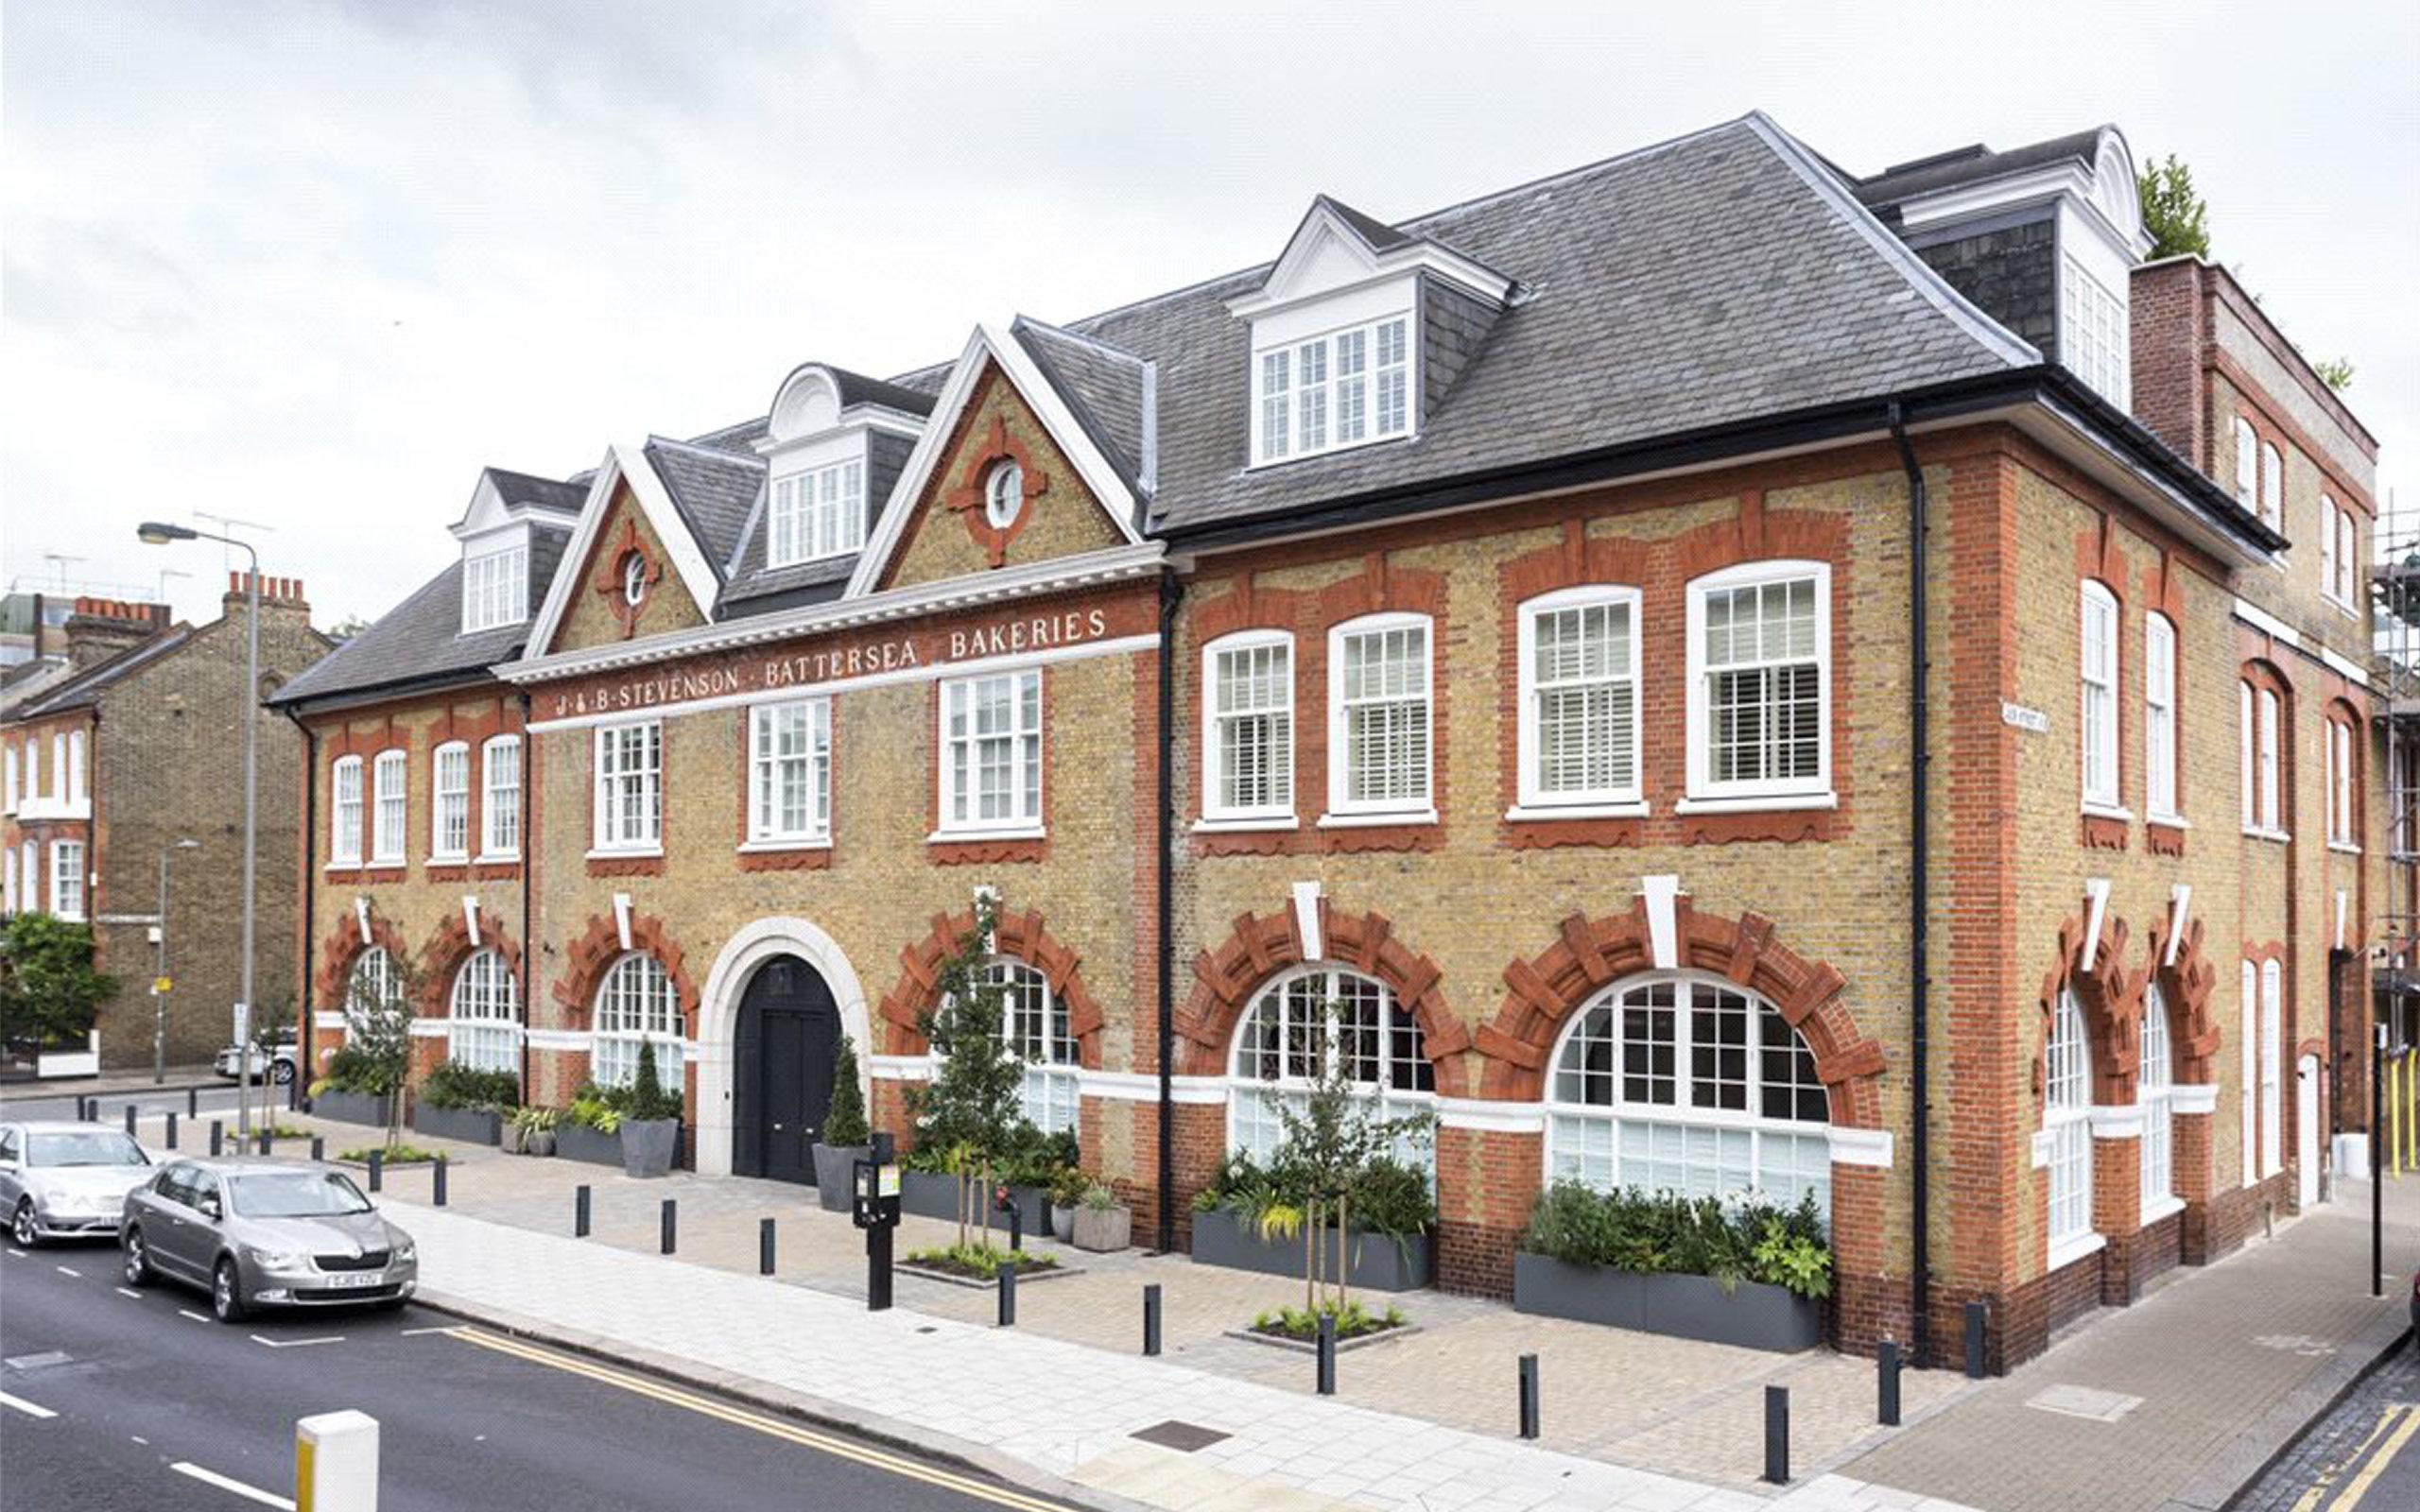 Parkgate House, Battersea